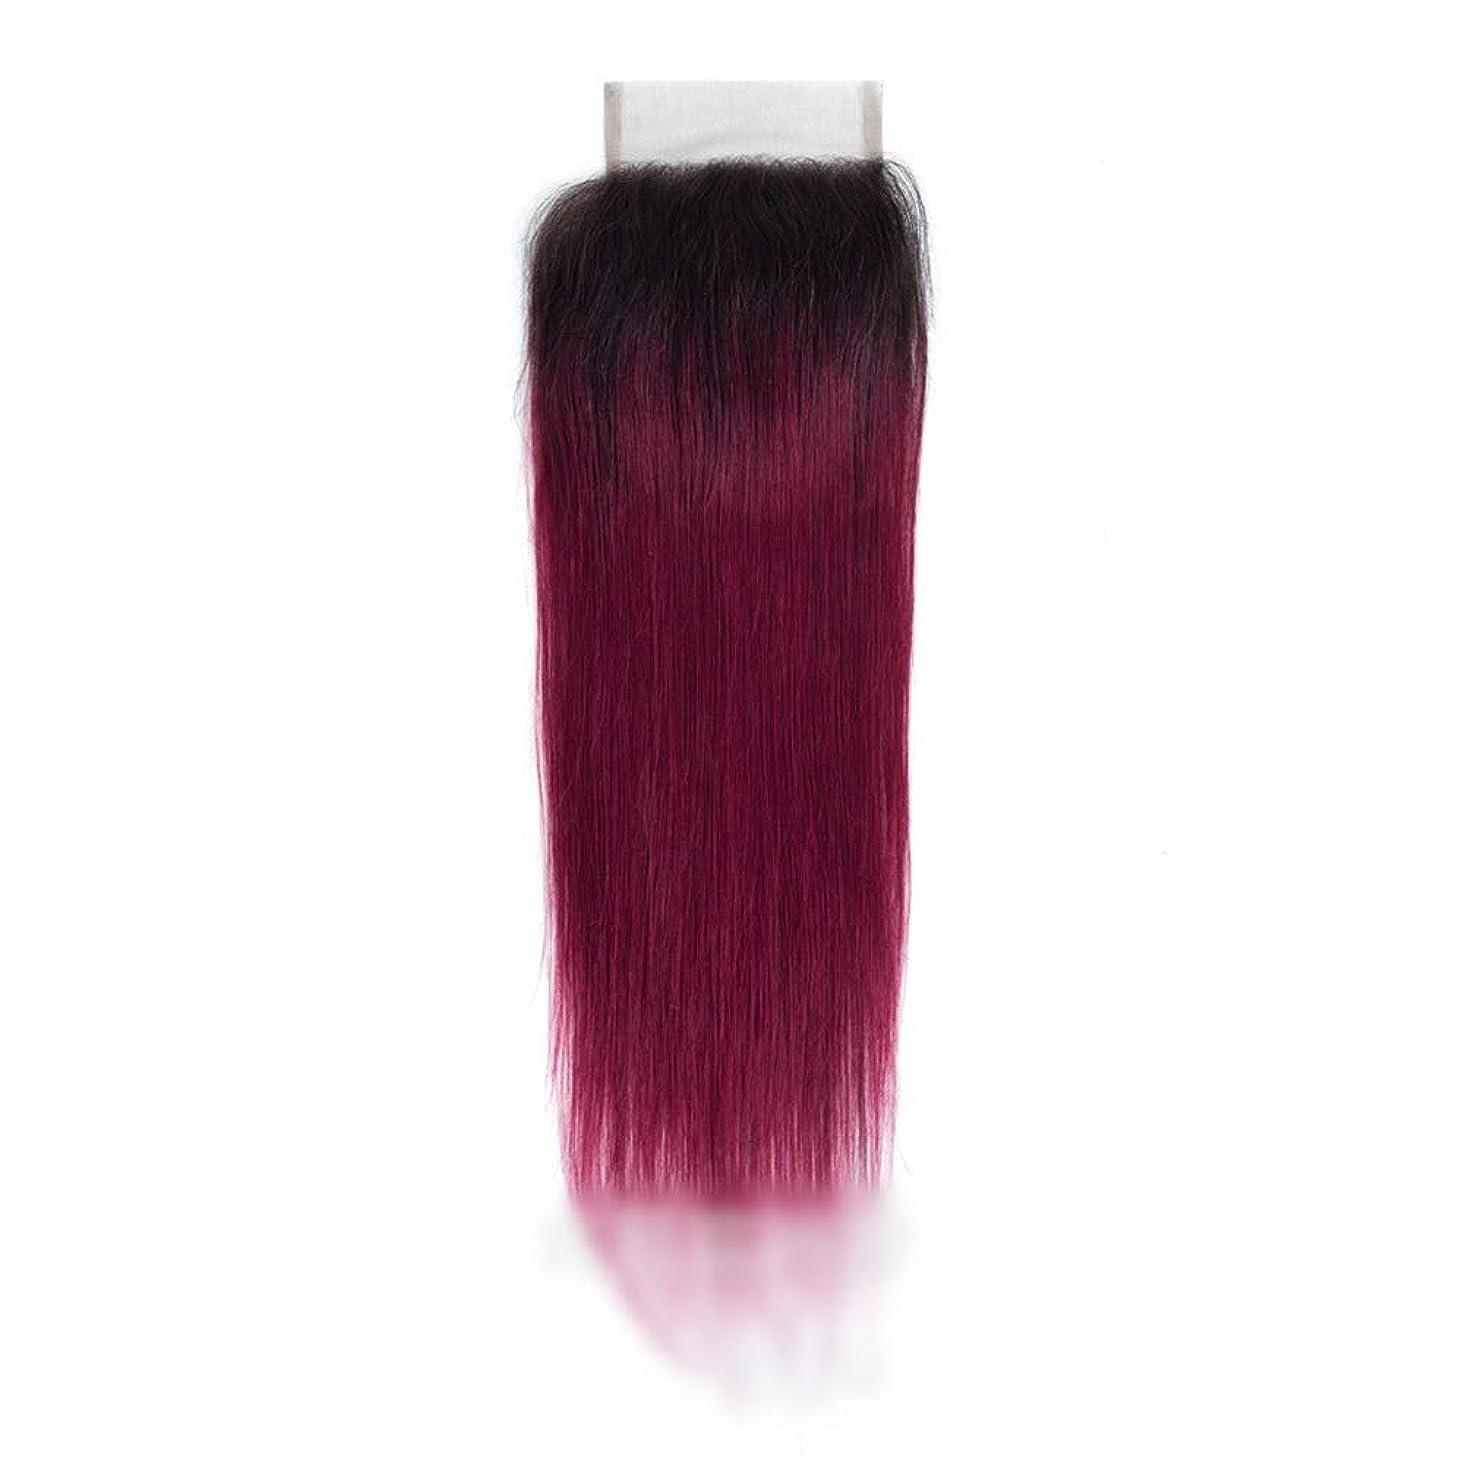 演じる従事するスラムHOHYLLYA レースの閉鎖とストレートオンブルバージンヘア、人間の髪の毛1B /バグ2トーン、オンブルヘアエクステンション織り横糸ロングストレートヘア (Color : ワインレッド, サイズ : 12 inch)